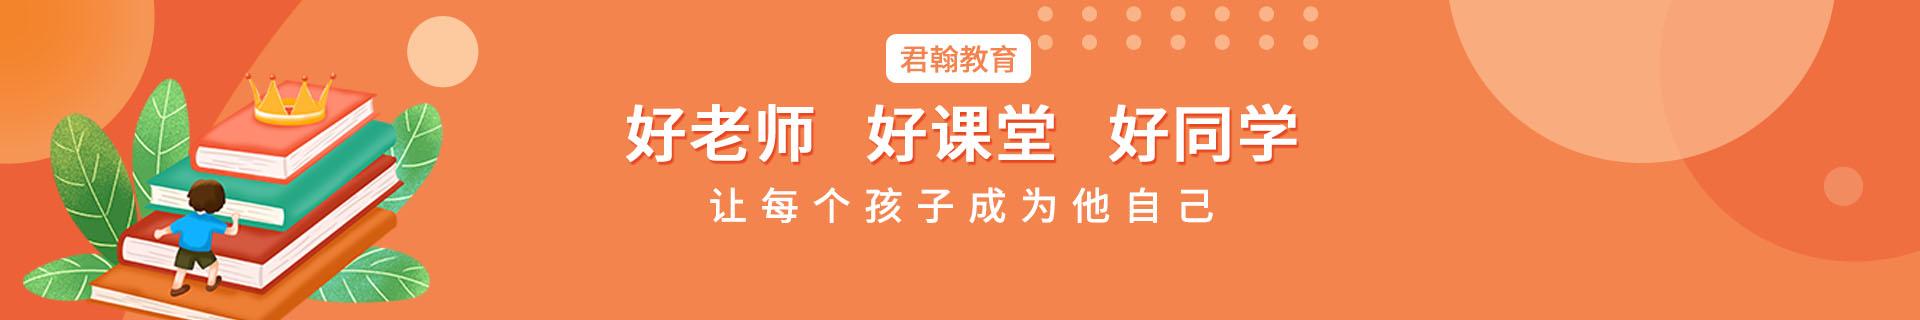 银川兴庆区二中君翰教育中小学辅导